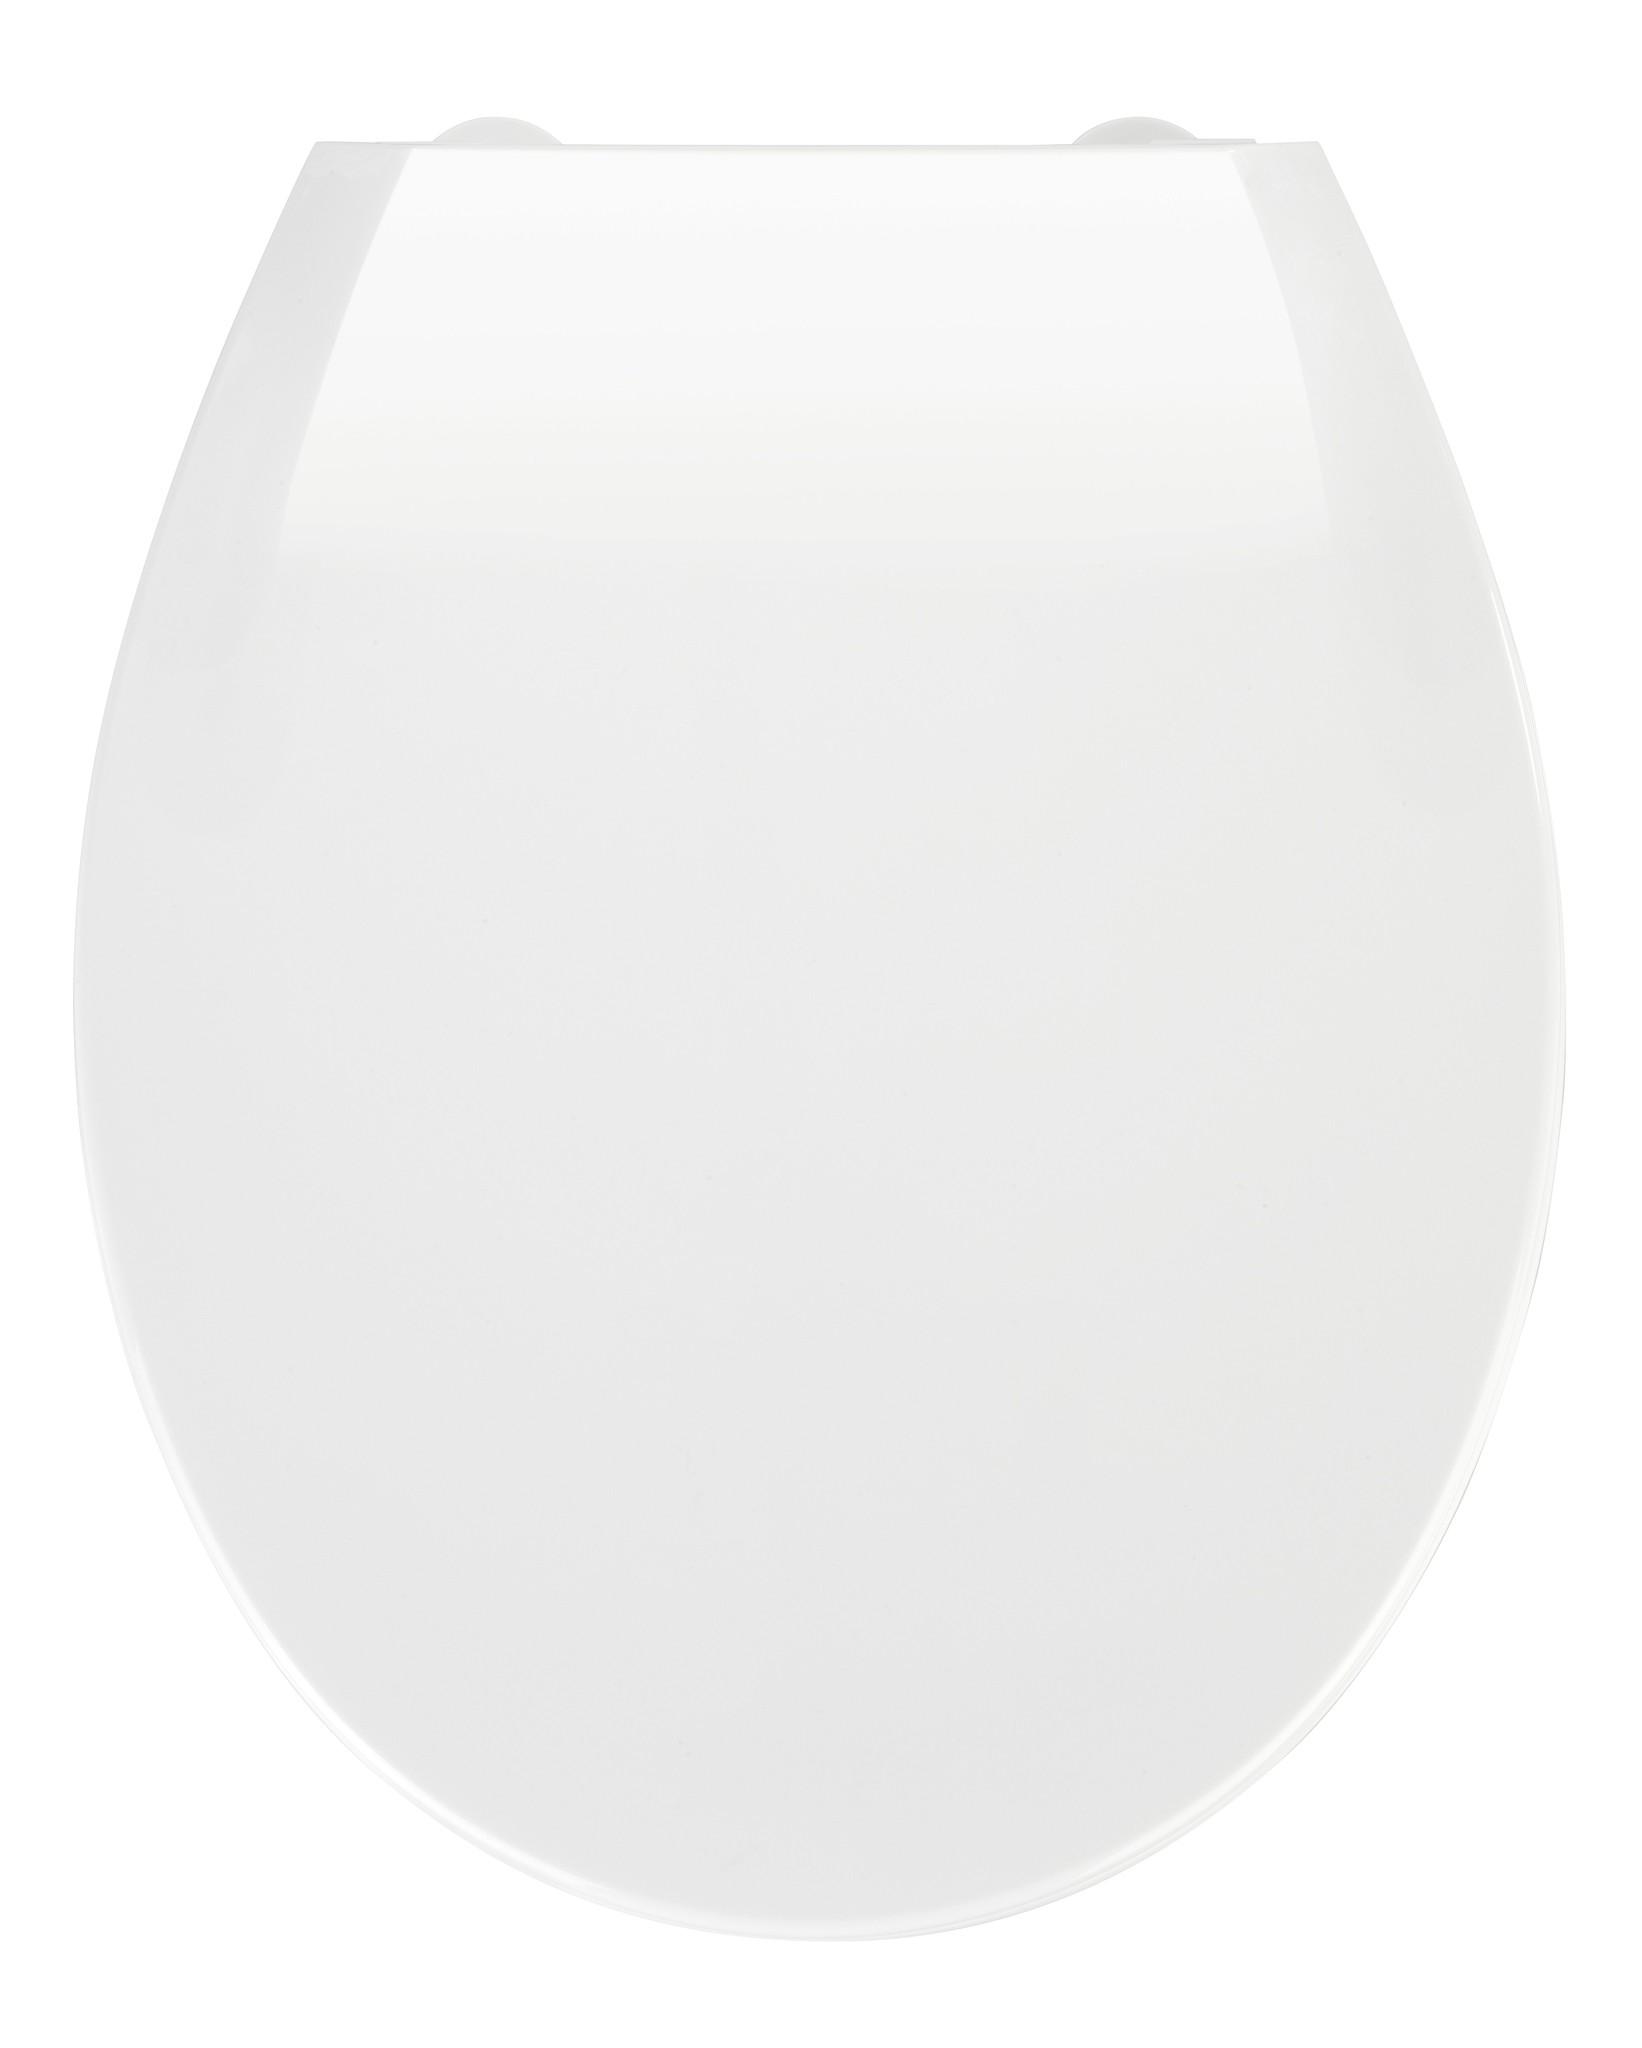 premium wc sitz kos wei mit absenkautomatik von wenko jetzt kaufen bei wc. Black Bedroom Furniture Sets. Home Design Ideas